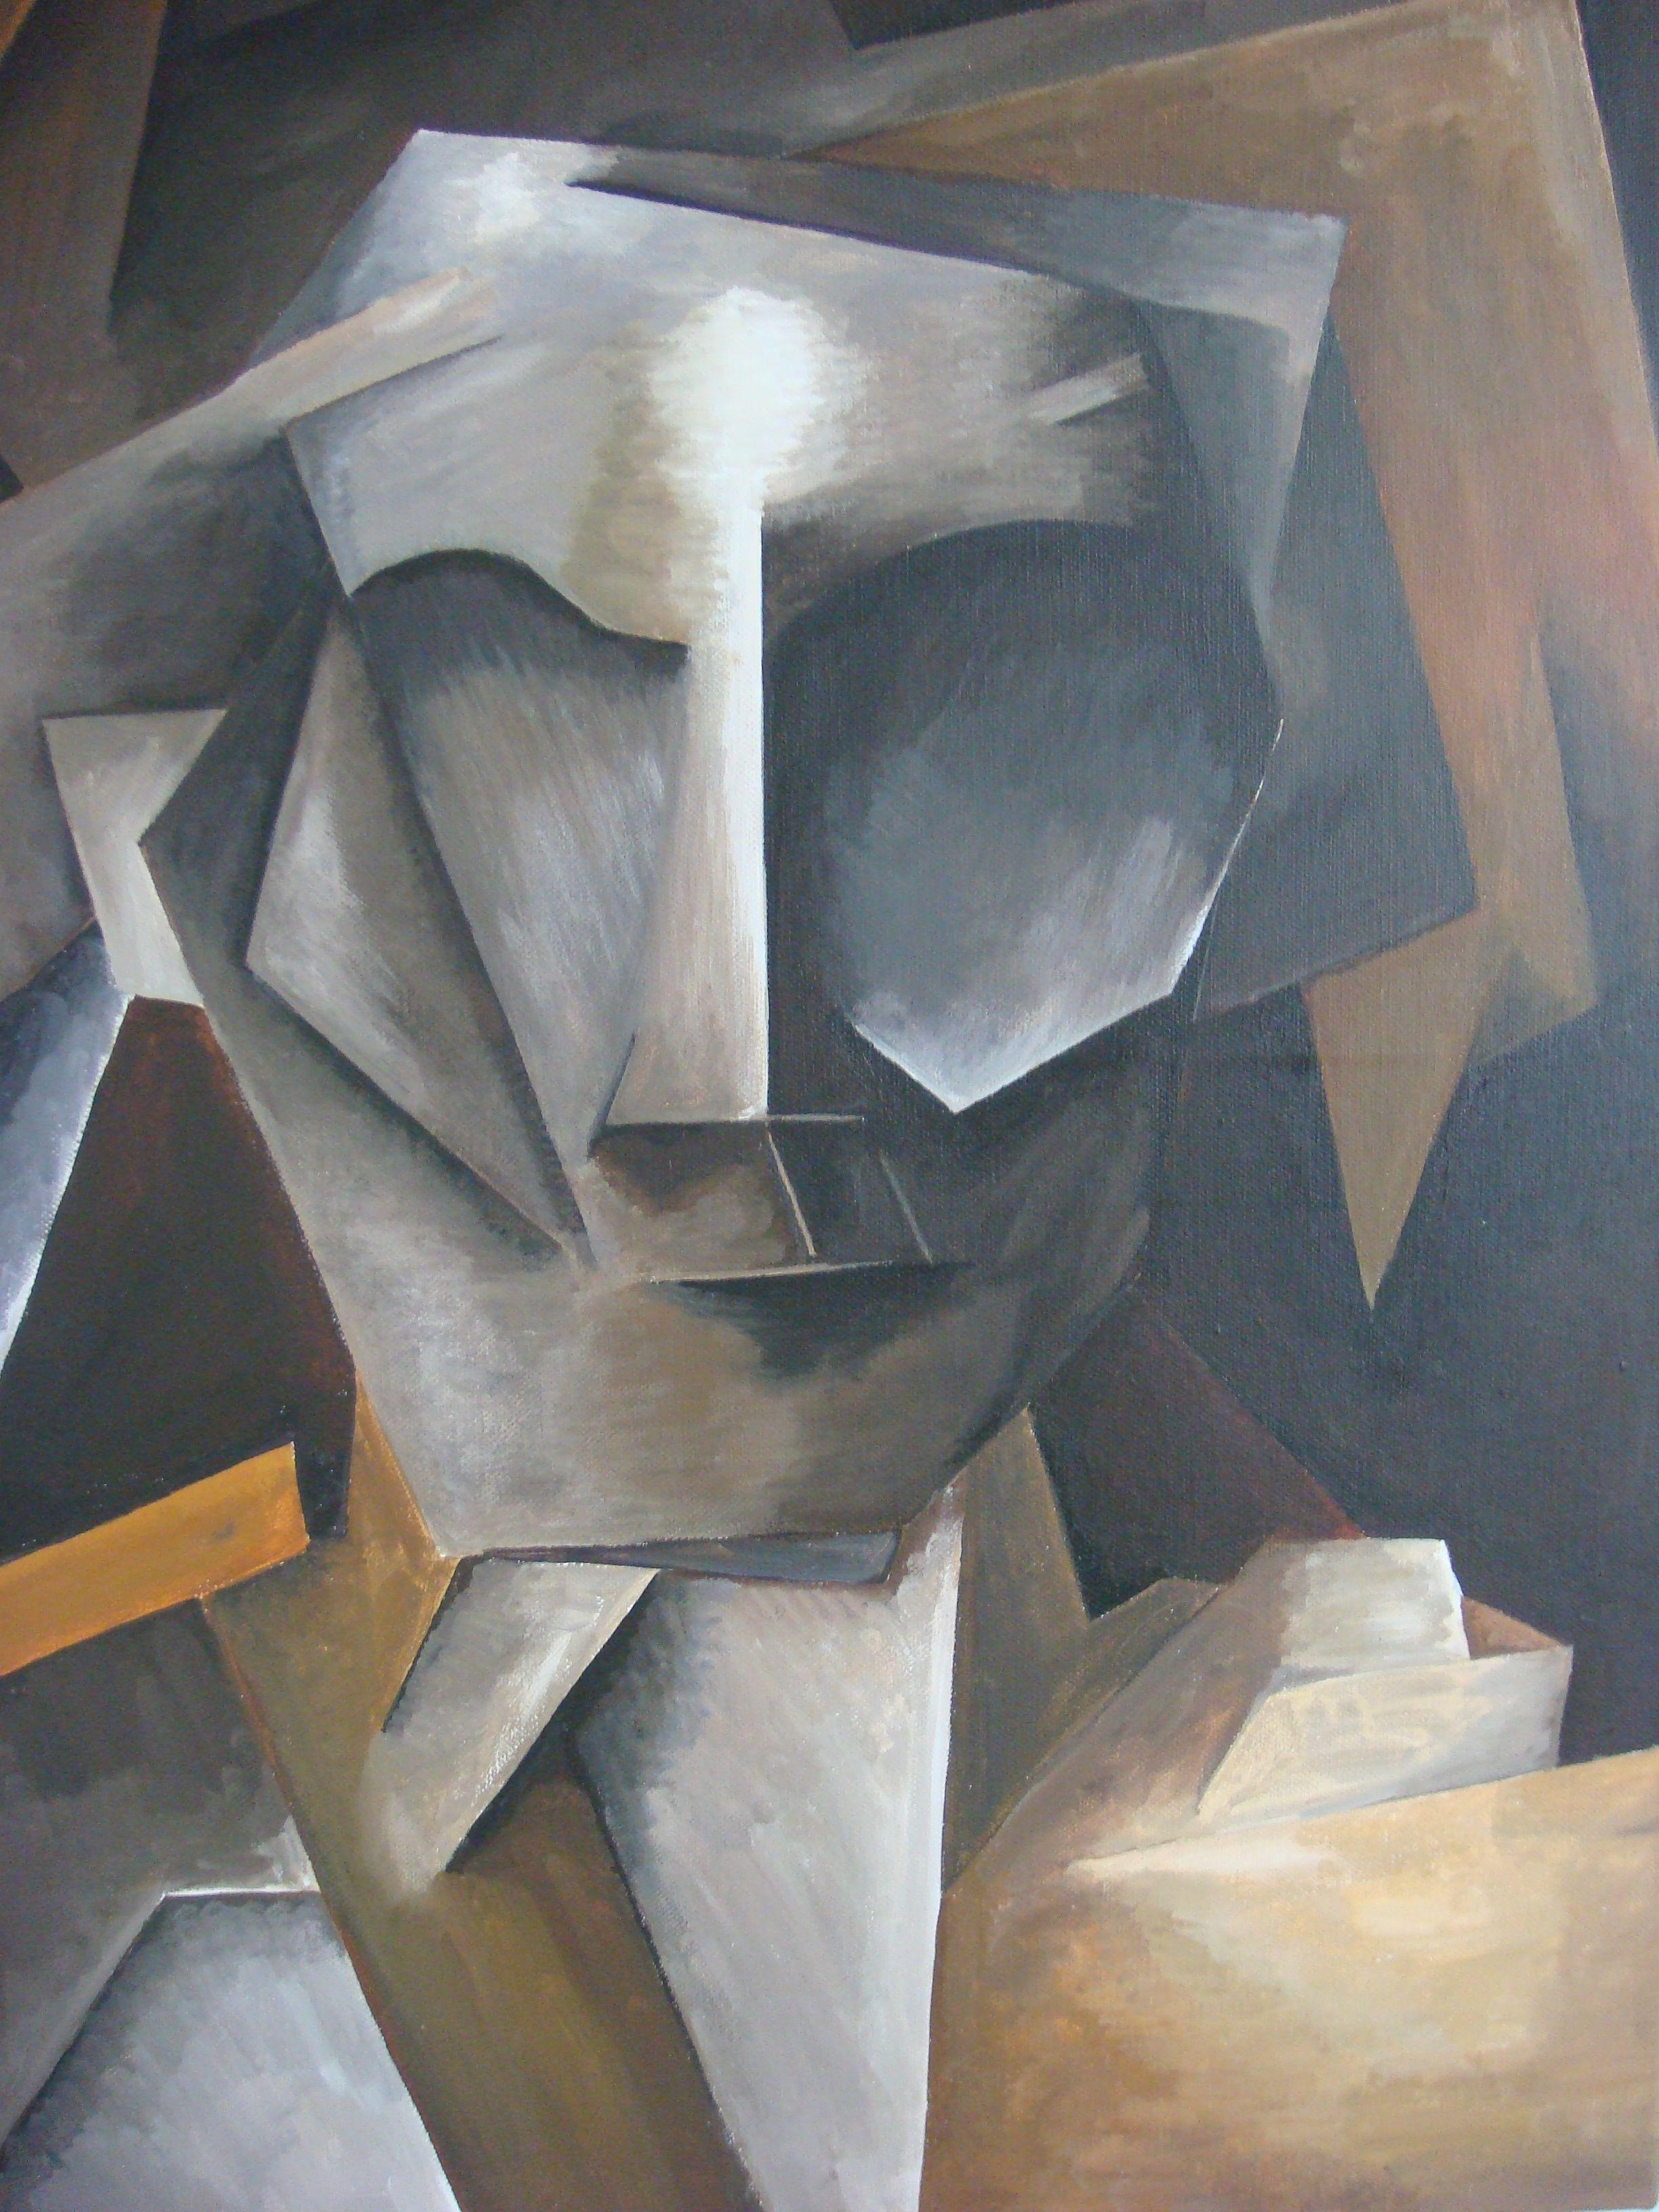 Cubism style portrait | Ideas for A Level portfolio | Pinterest